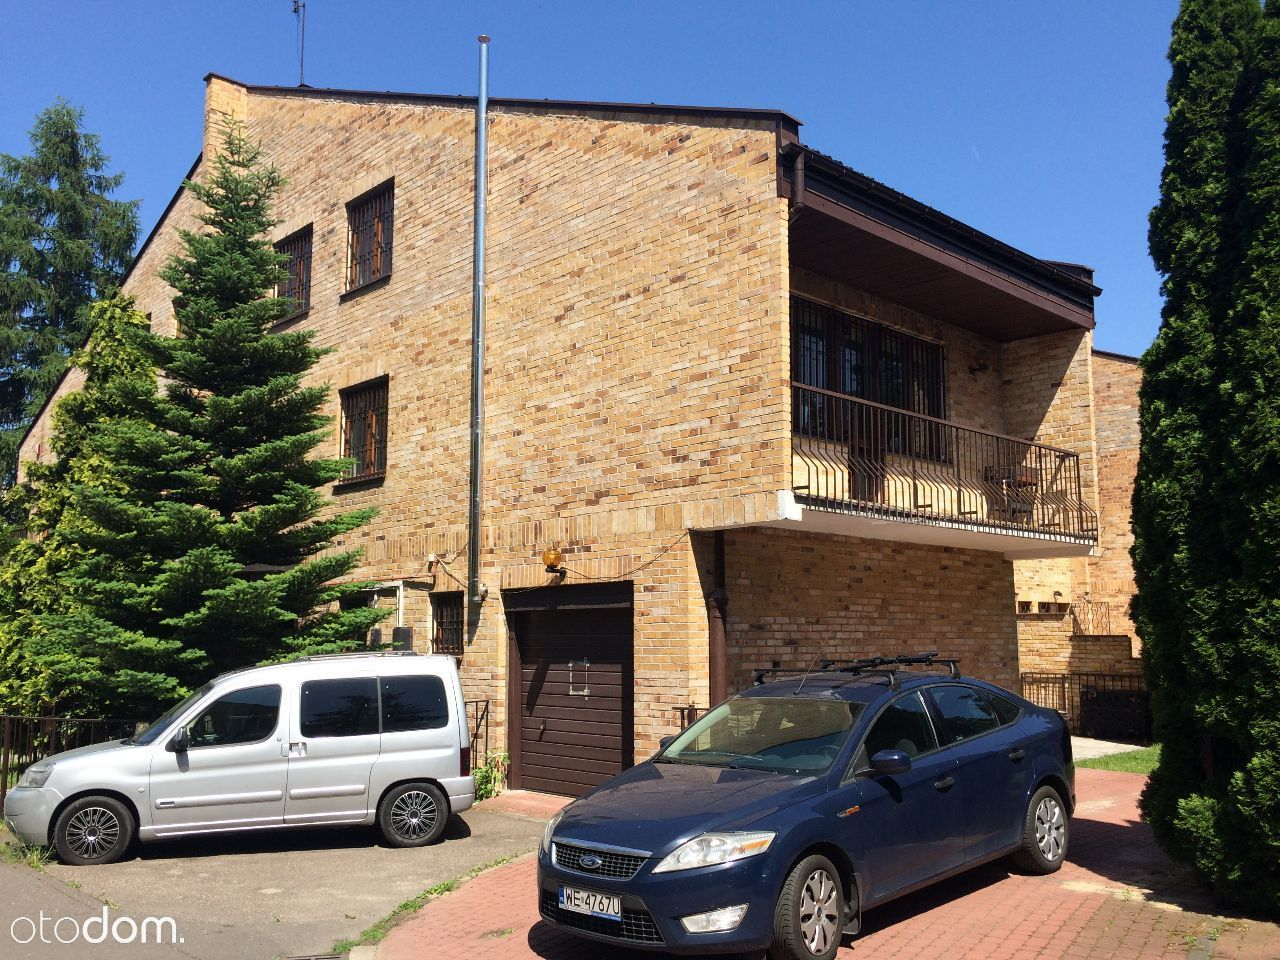 5 Pokoje Dom Na Wynajem Warszawa Praga Południe Saska Kępa 54324280 Wwwotodompl